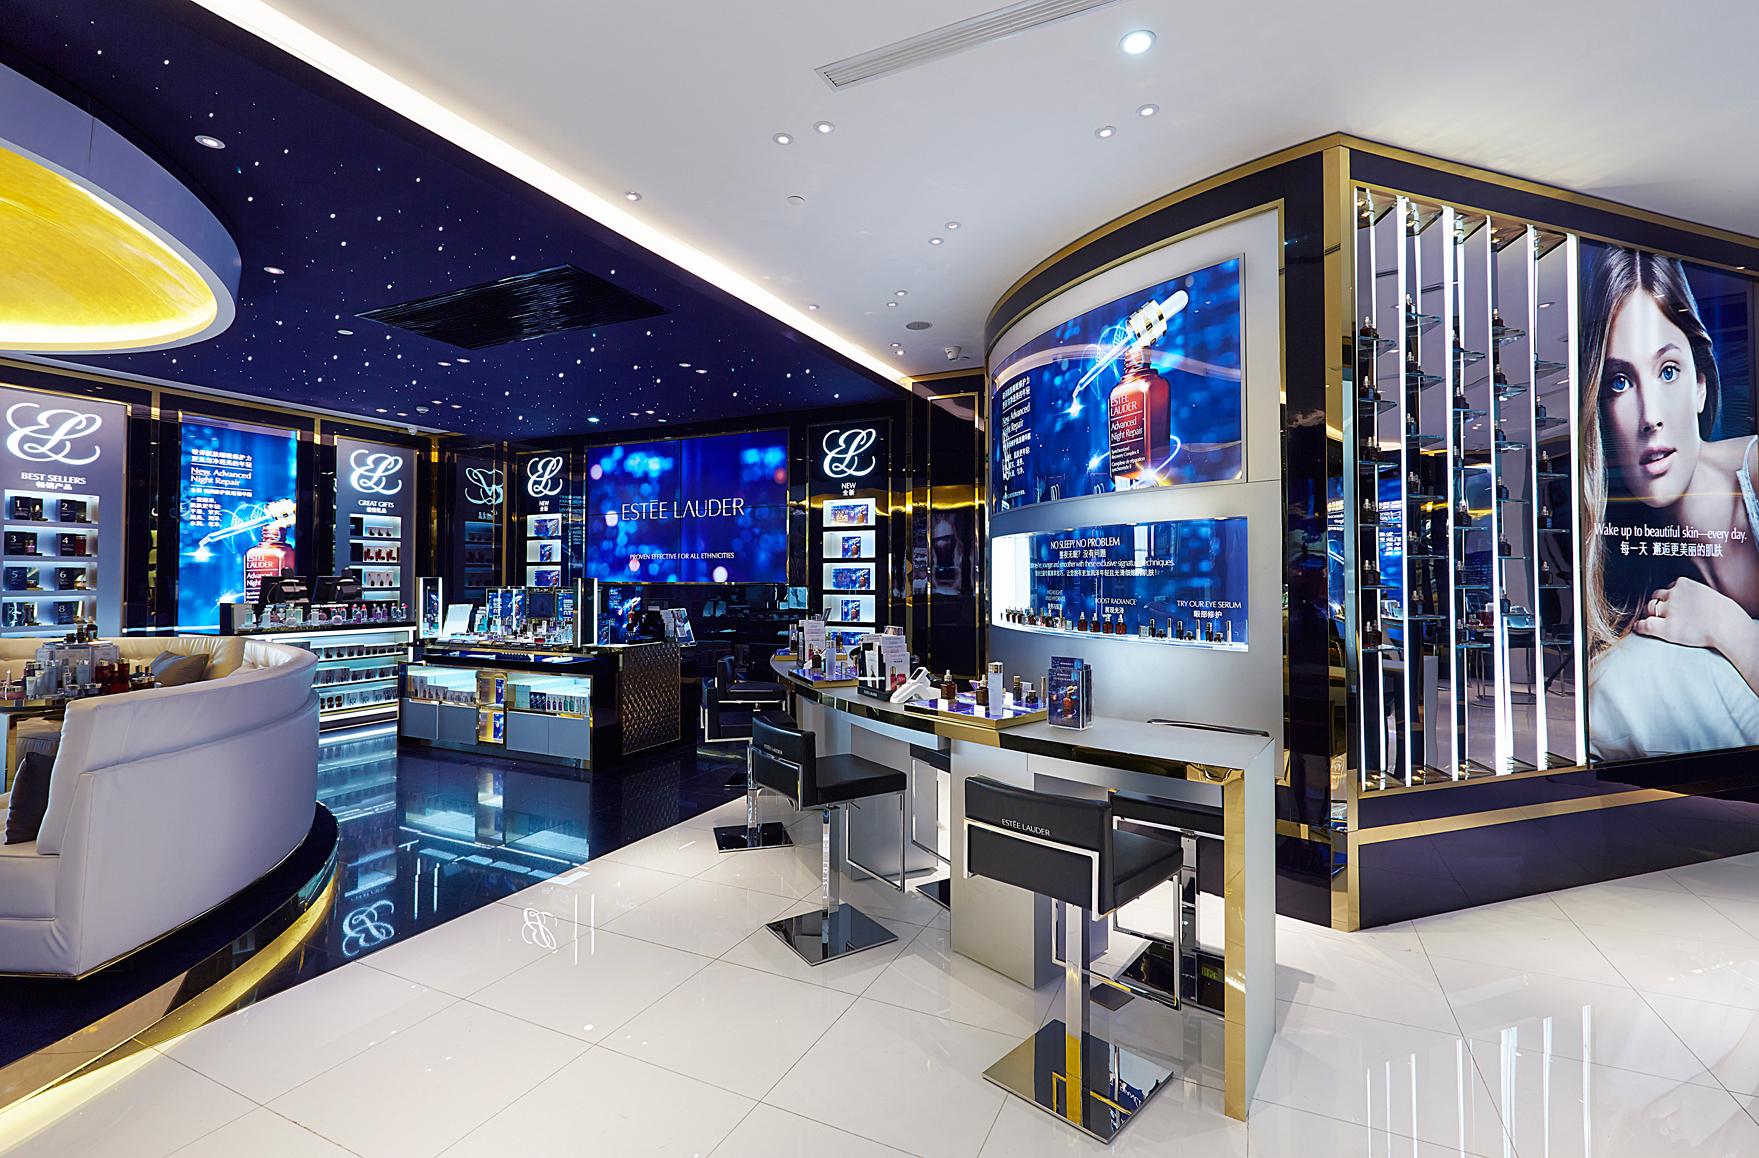 雅诗兰黛集团旗下七大品牌 7月1日起在中国全线降价,小棕瓶直降 14%